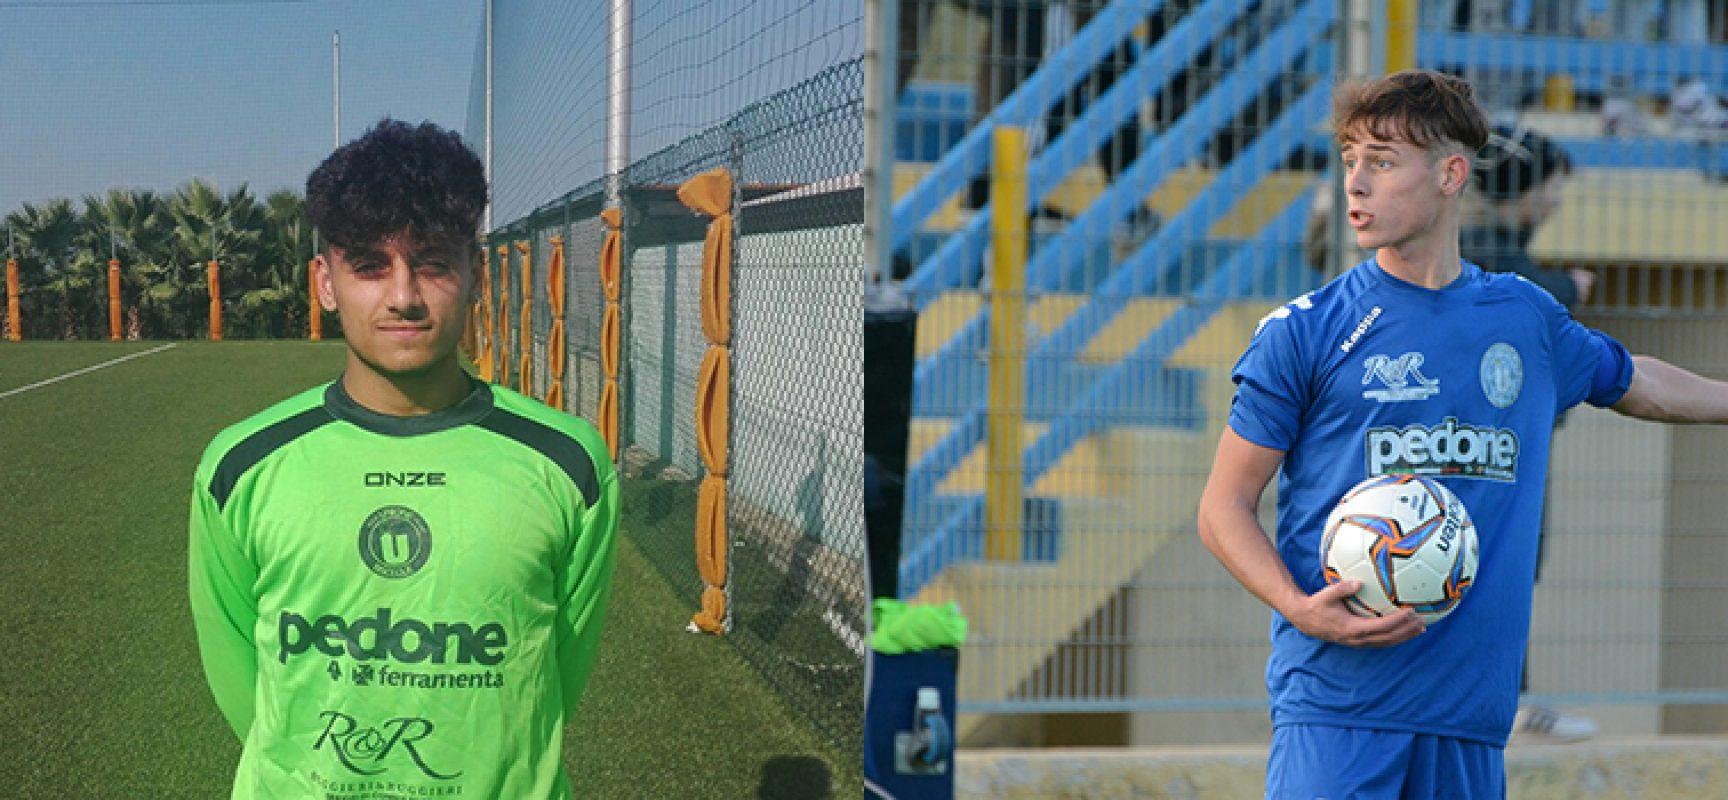 Unione Calcio, Daniele Dattoli e Mauro De Mango protagonisti al Torneo delle Regioni